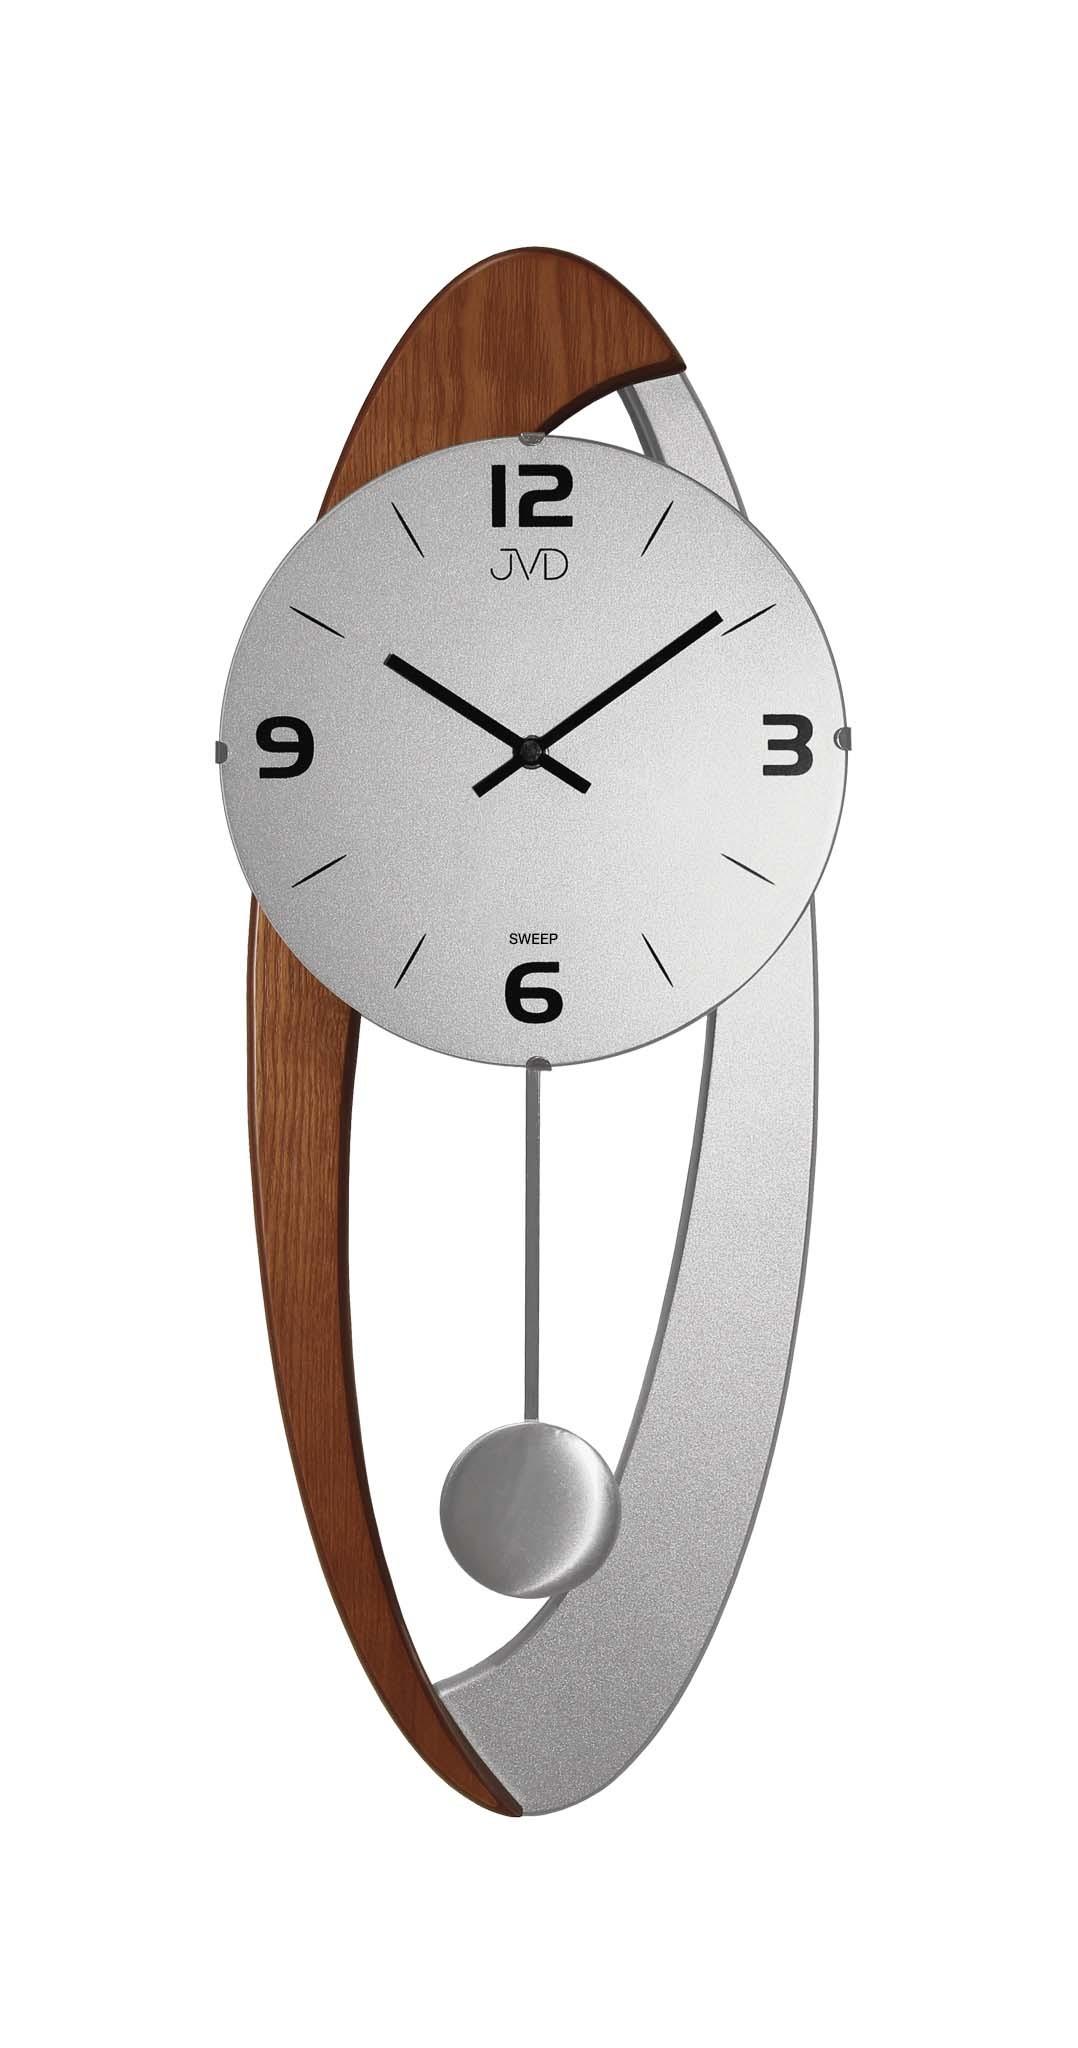 Dřevěné skleněné designové kyvadlové netikající nástěnné hodiny JVD NS15021/11 (POŠTOVNÉ ZDARMA!!)